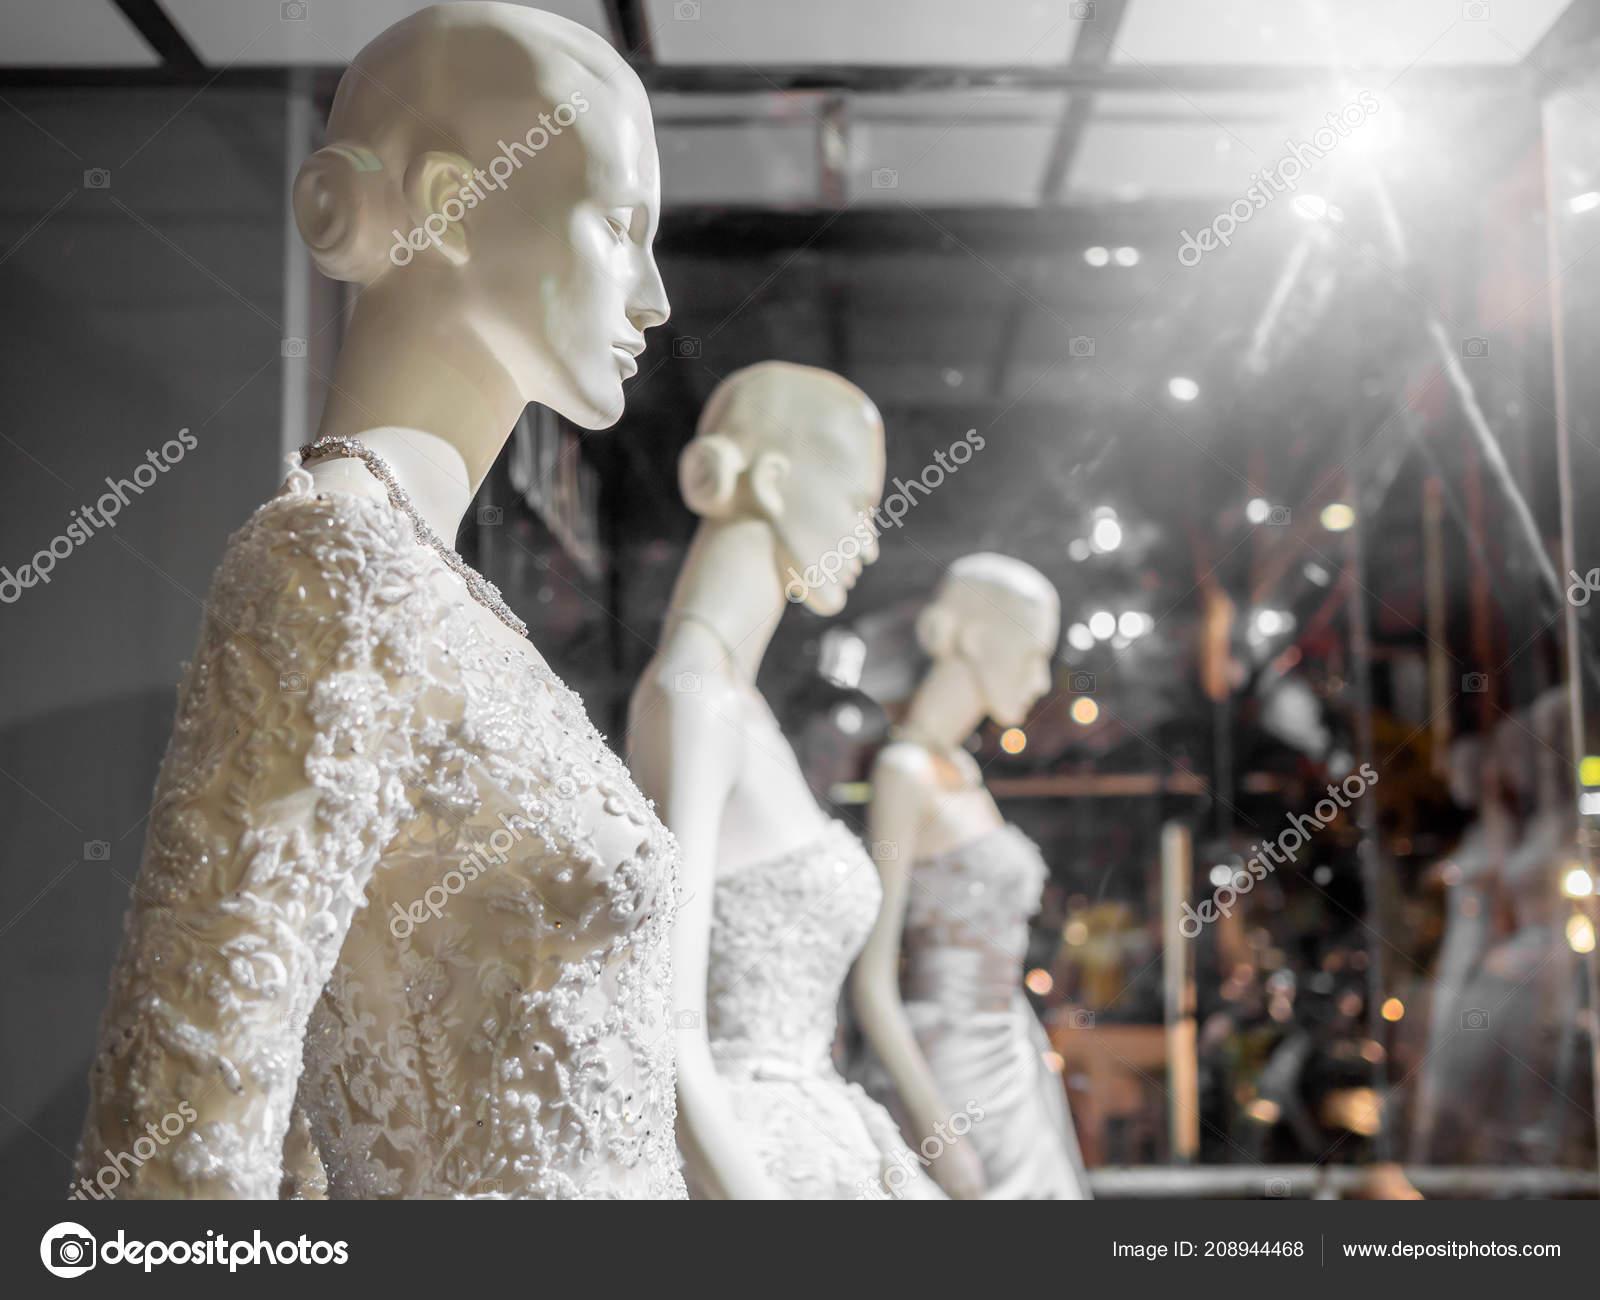 9a080d7136d Maniquí blanco en boda en vitrina. Vestidos de novia en los maniquís en el  escaparate de boda con luz de fondo de tienda de traje de novia — Foto de  ...